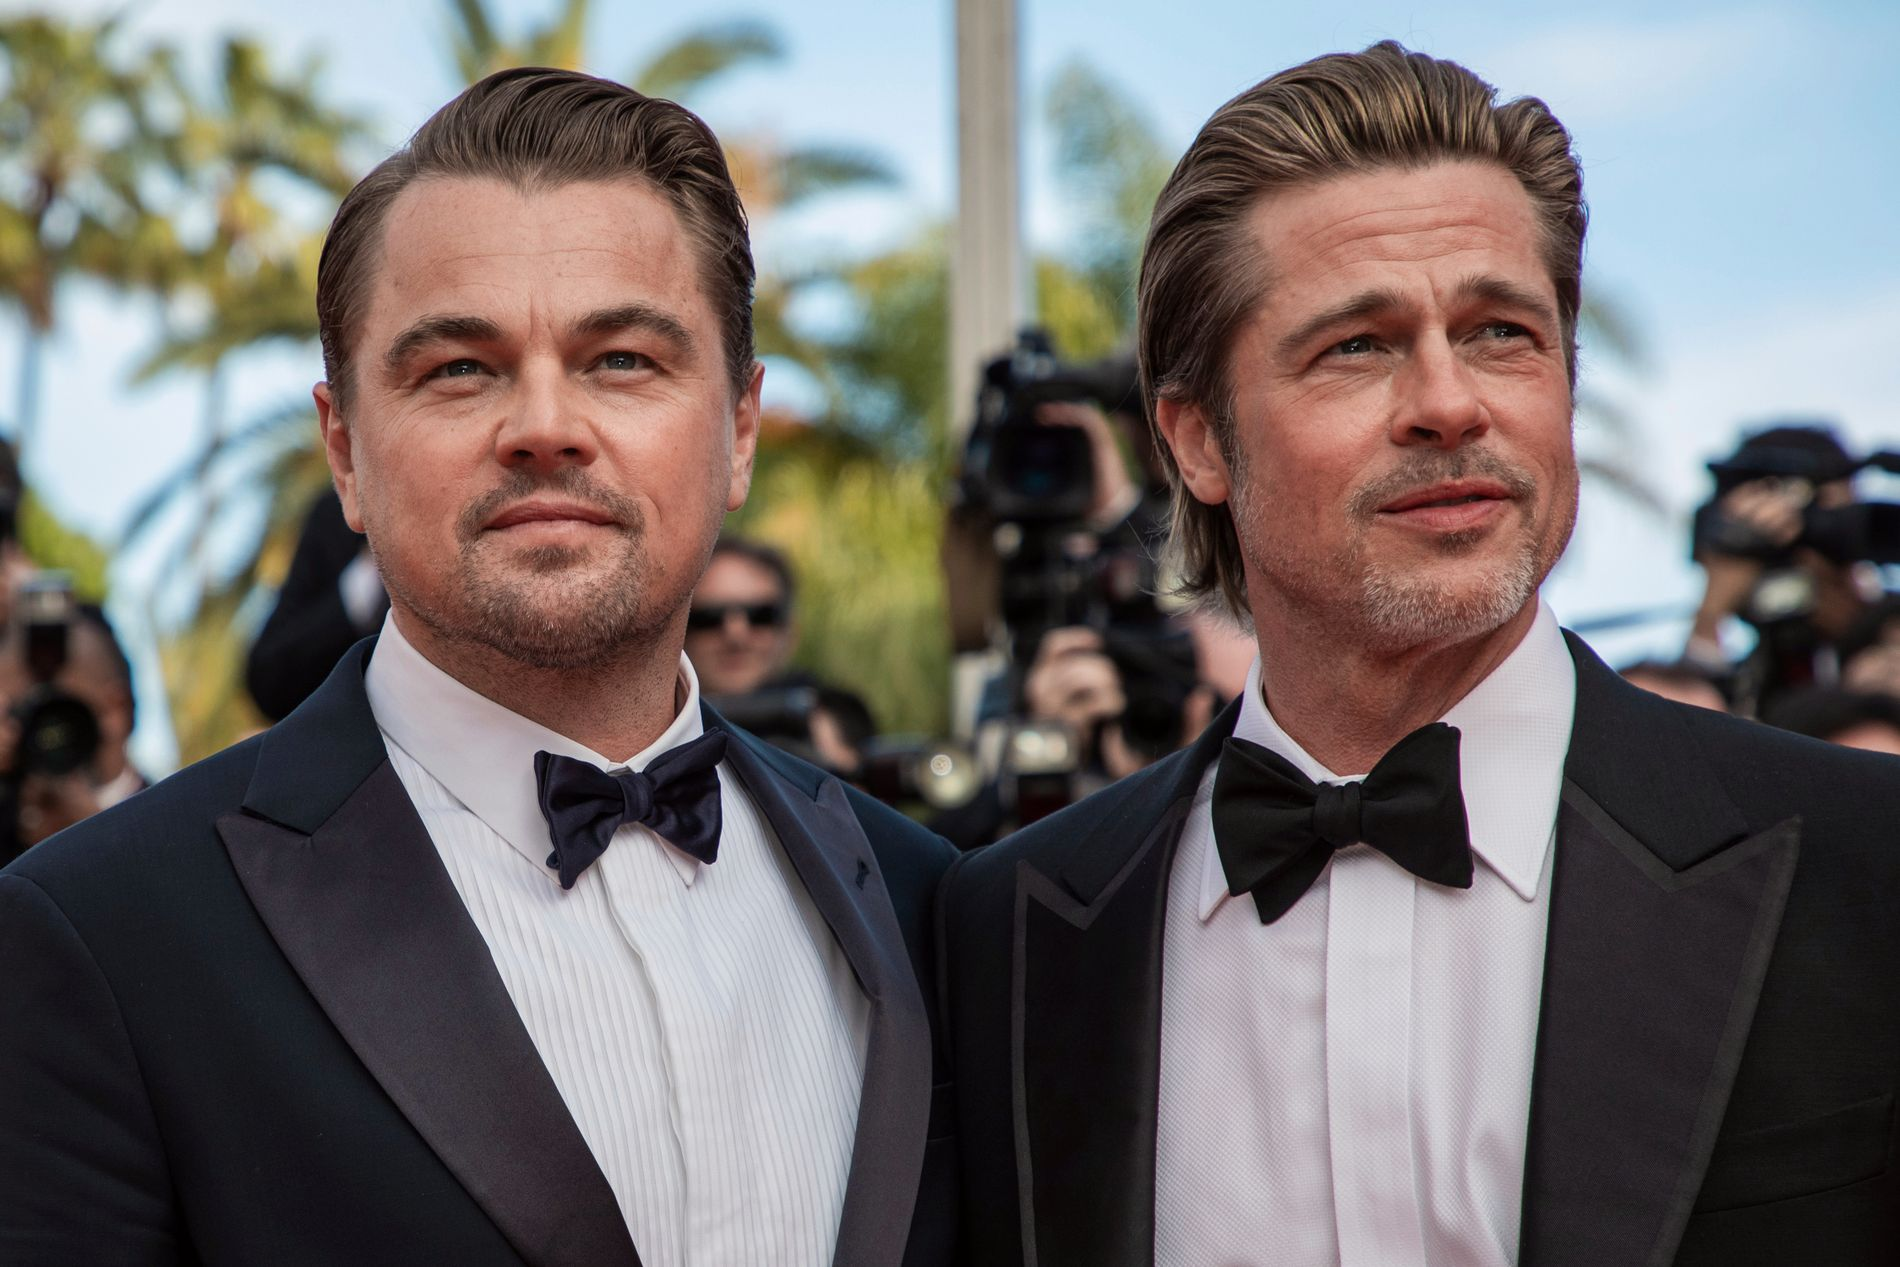 KOLLEGER: Leonardo DiCaprio og Brad Pitt på den røde løperen i Cannes tirsdag kveld.